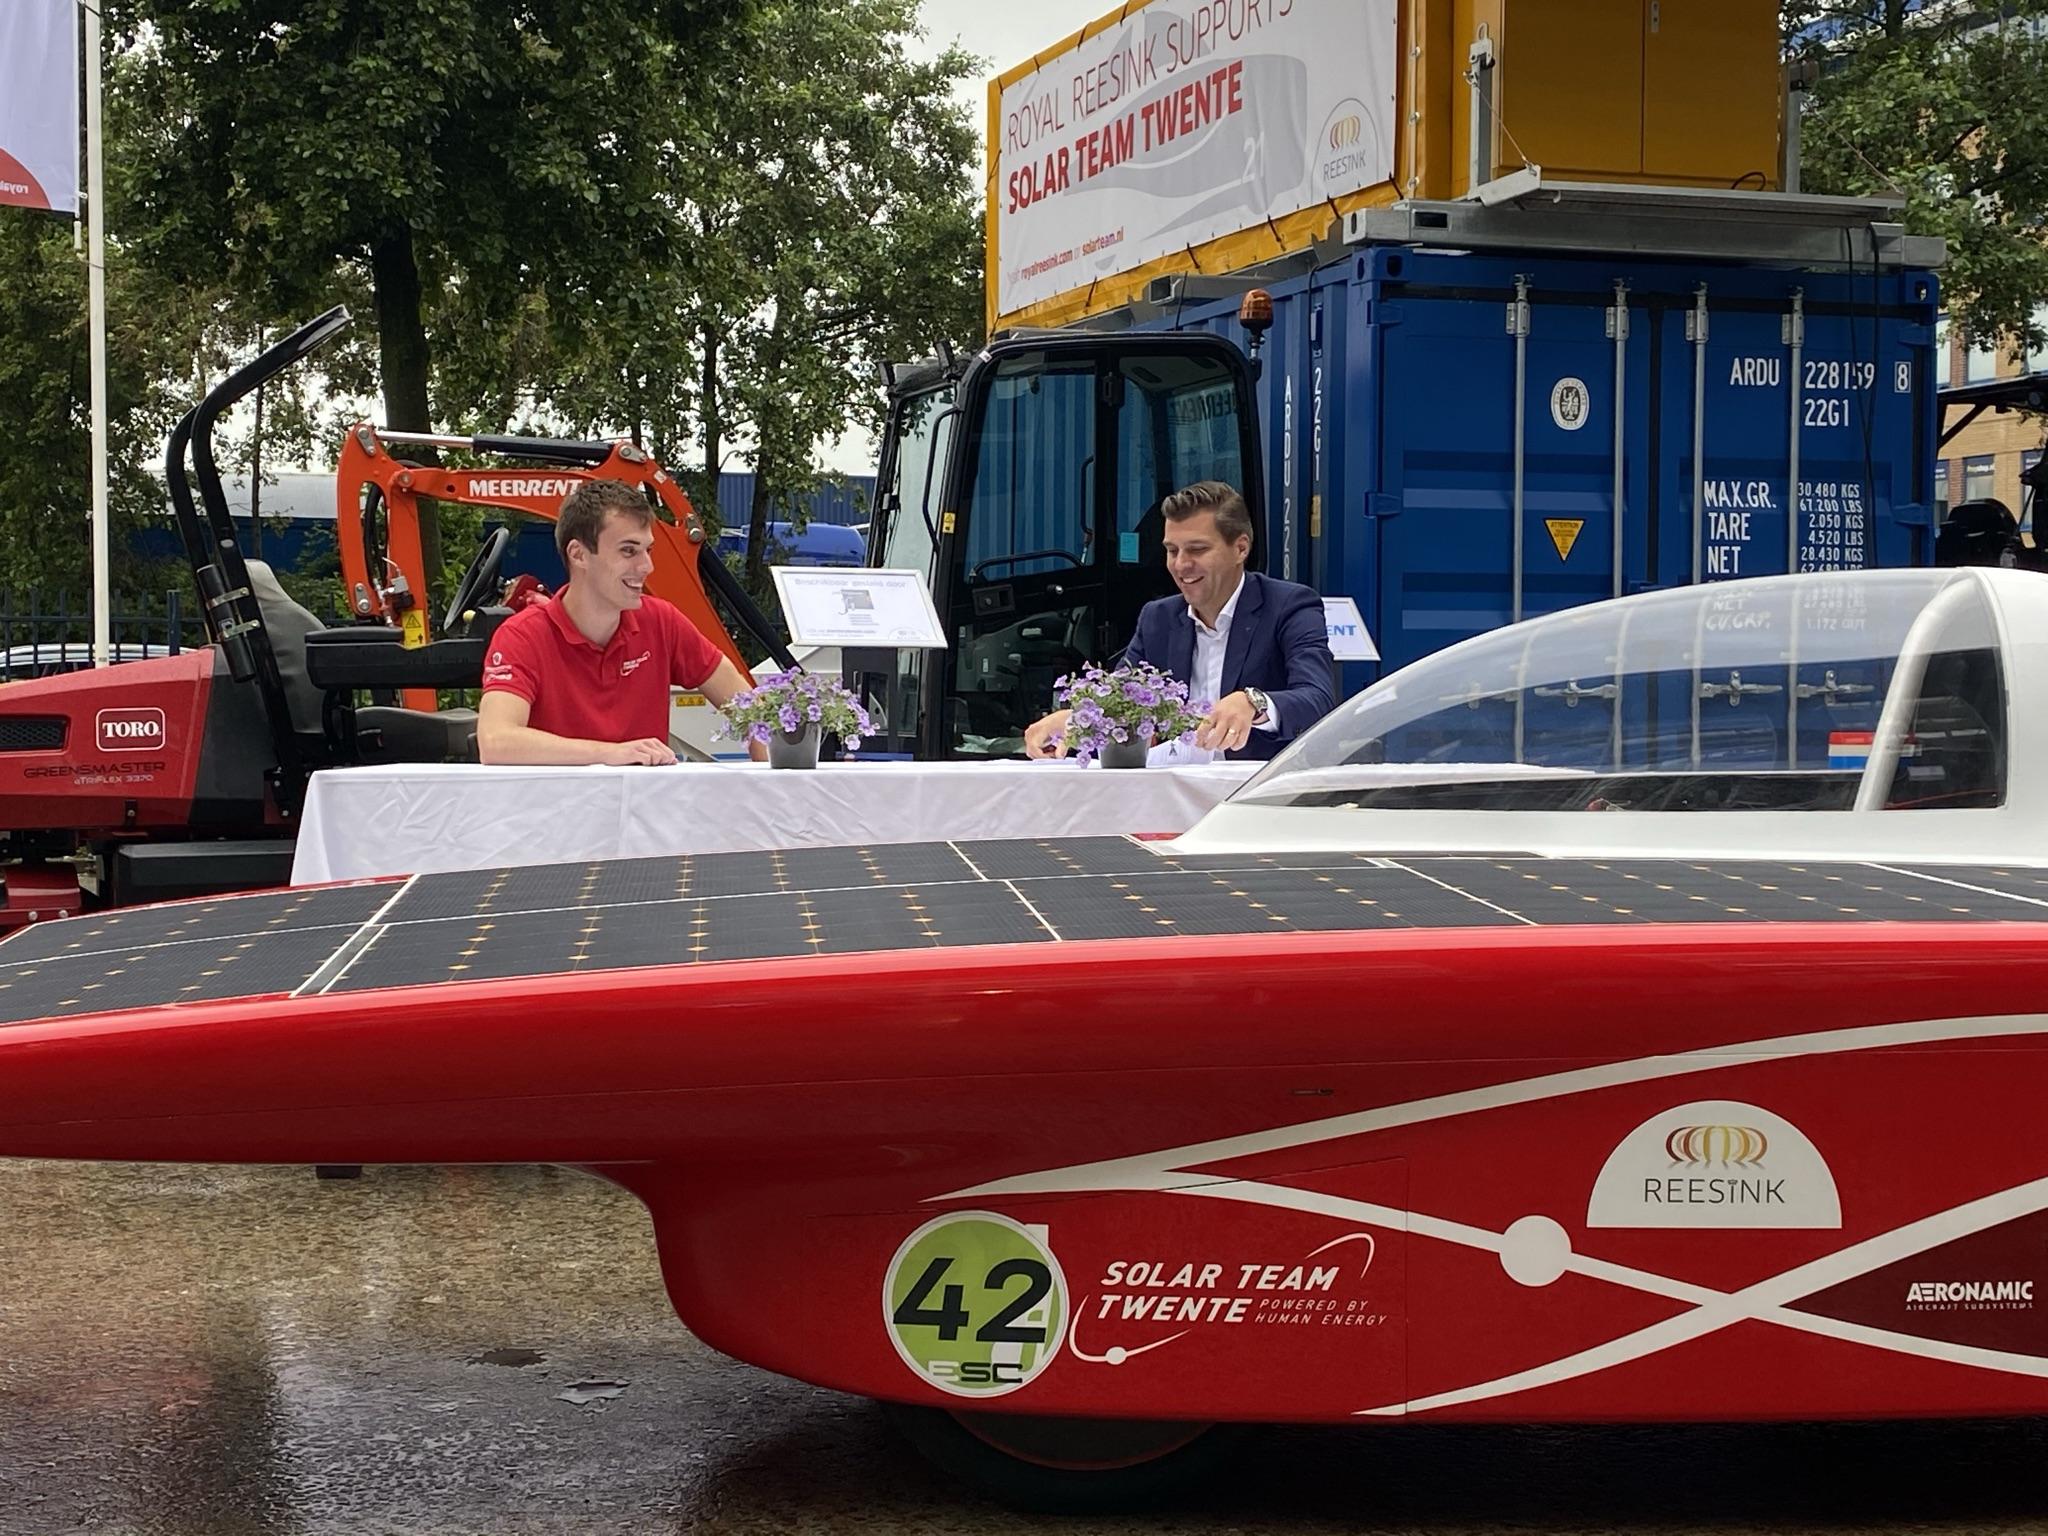 Royal Reesink heeft een officieel partnership ondertekend met Solar Team Twente